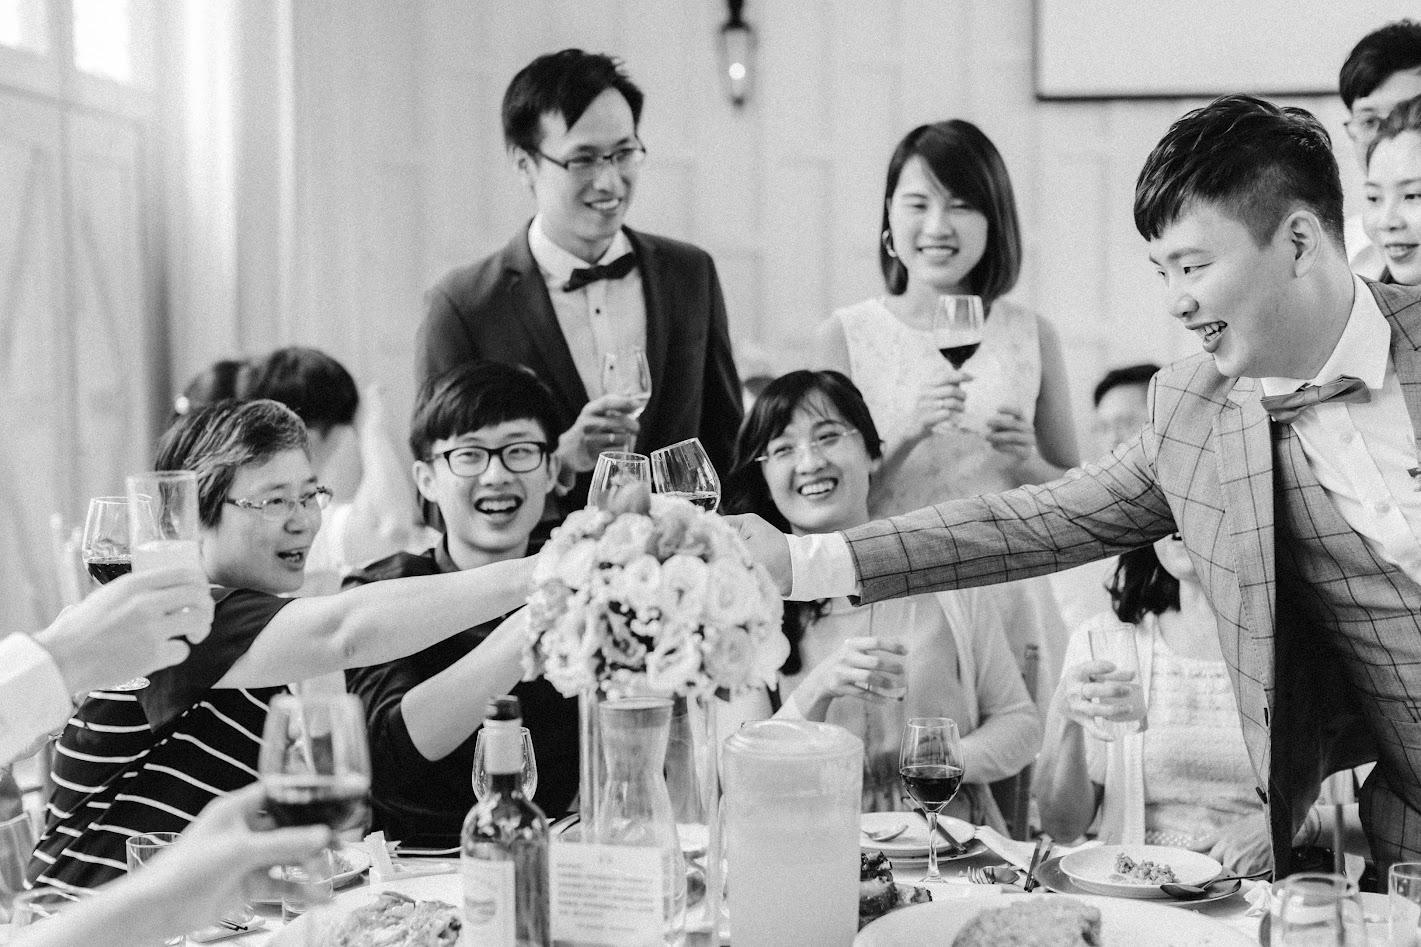 萊特薇庭婚禮,美式婚禮,婚禮攝影,美式婚禮紀錄,台中婚禮紀錄推薦,婚禮紀實,AG美式婚紗,婚攝Adam, Amazing Grace 攝影美學,基督徒 婚禮攝影師